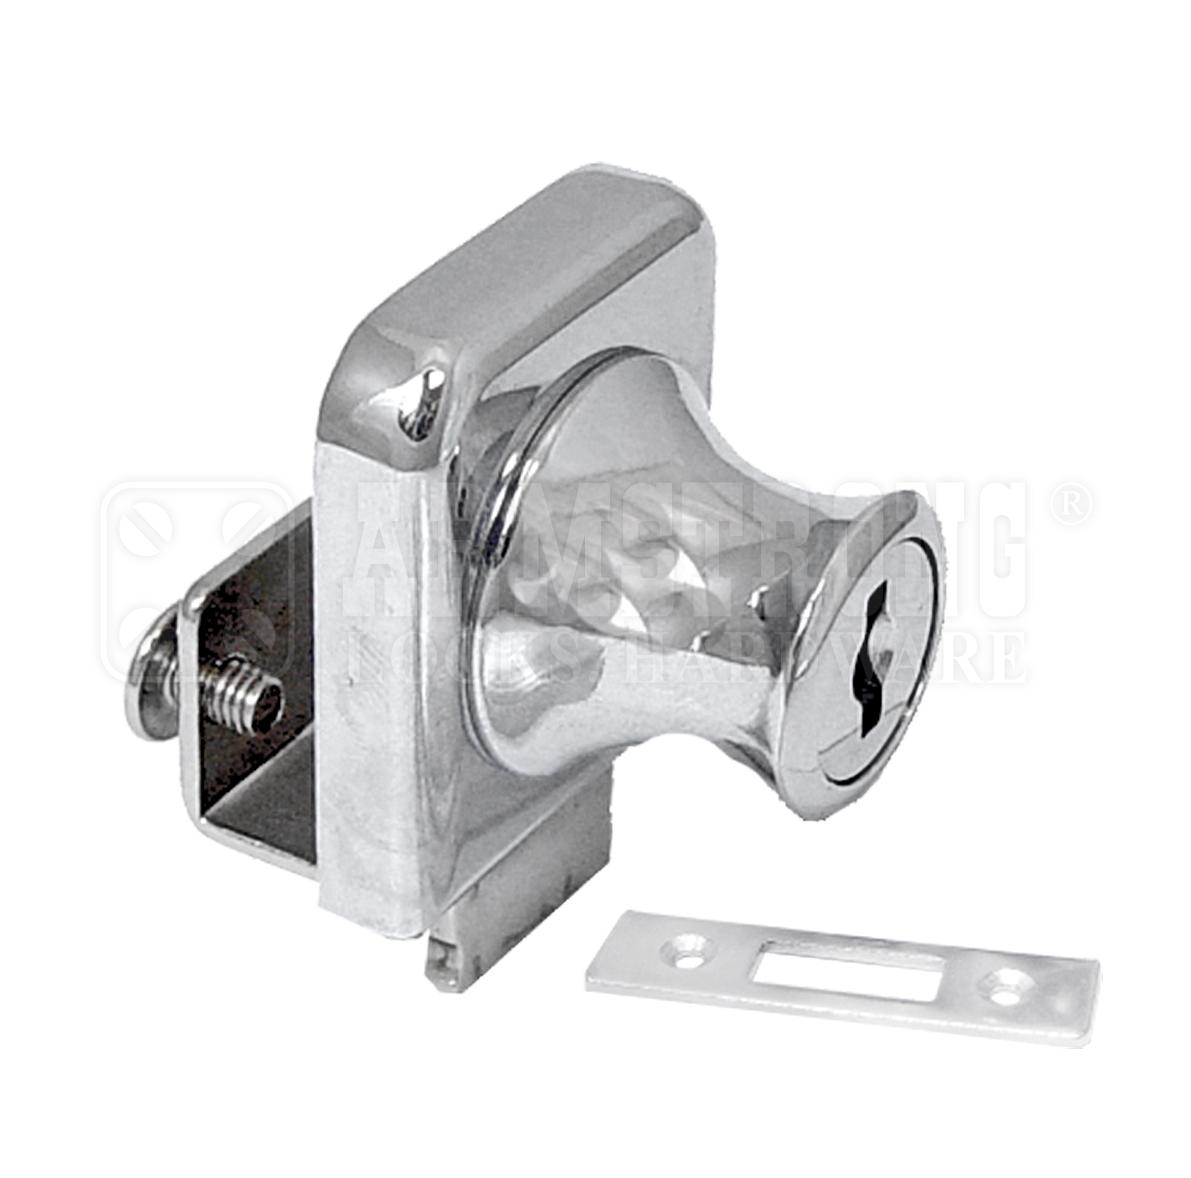 Cabinet Single Swinging Glass Door Lock 407